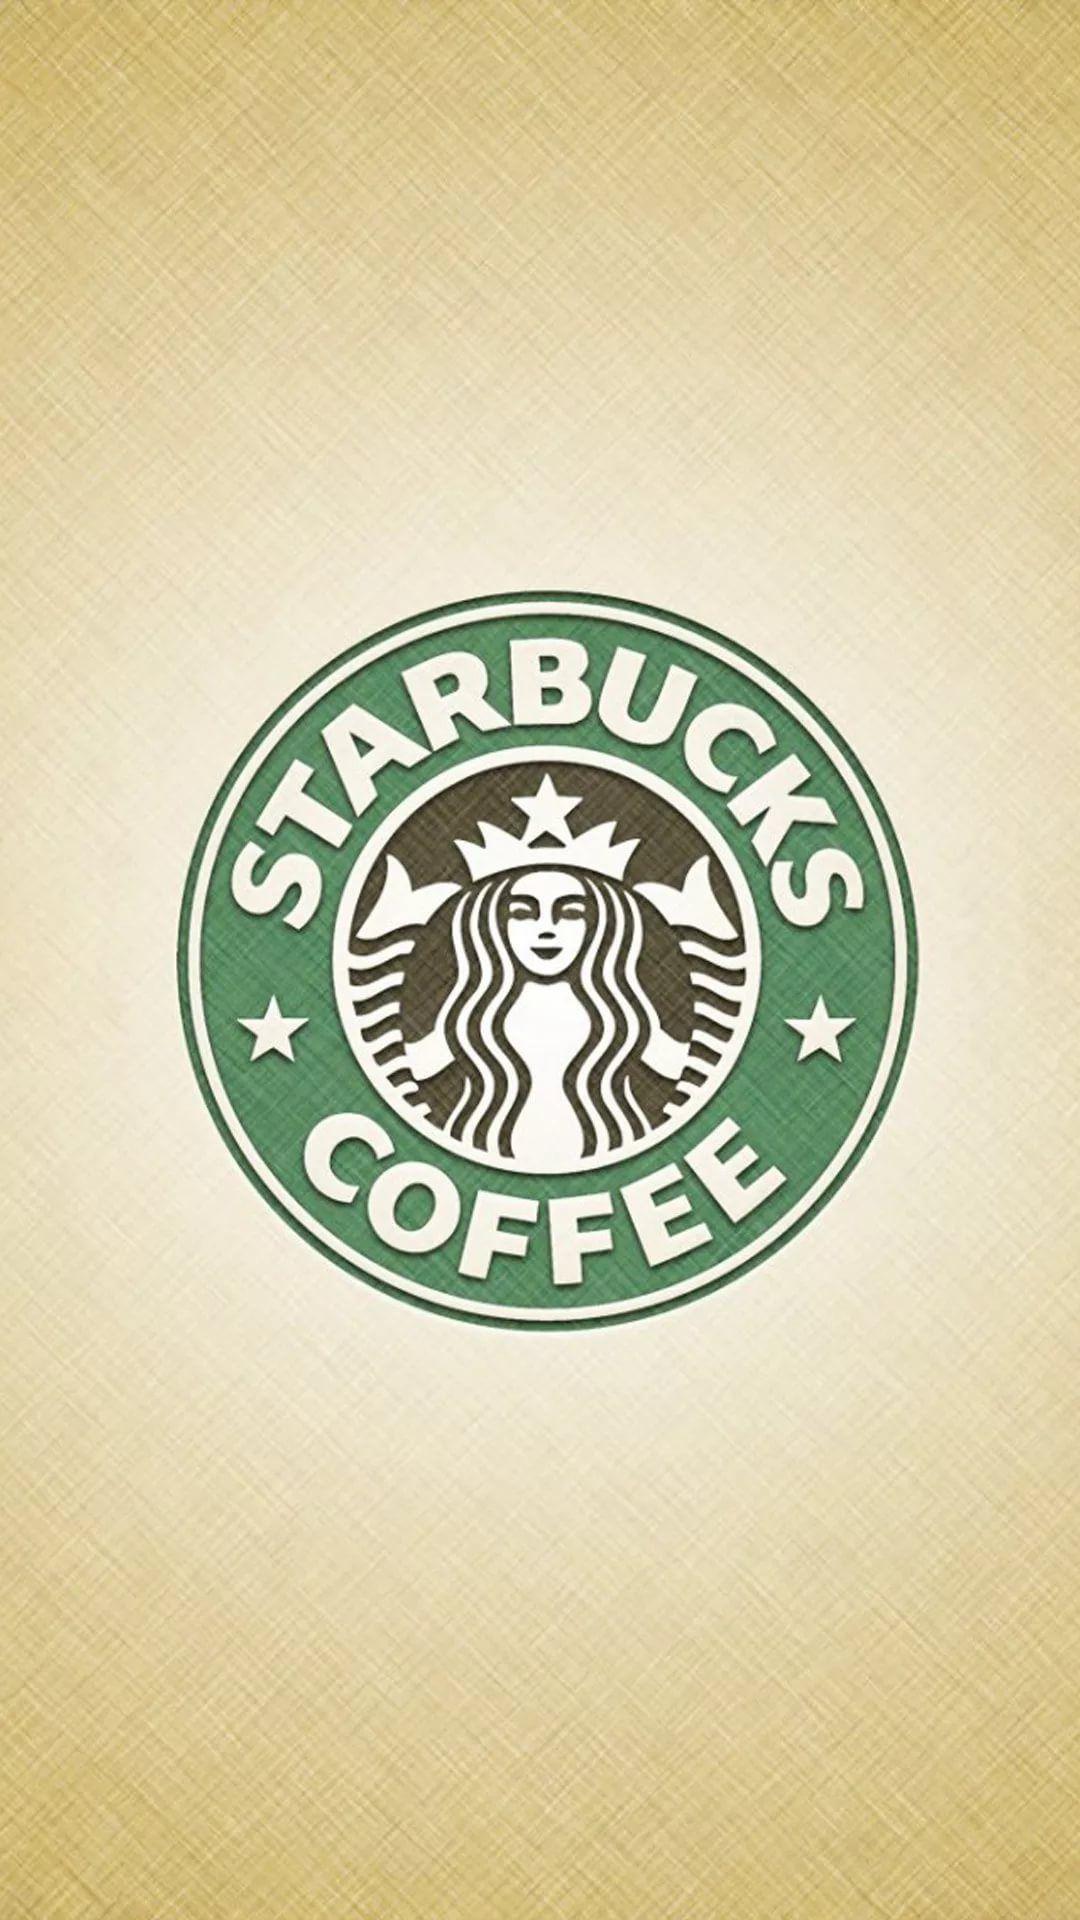 Starbucks wallpaper for my phone